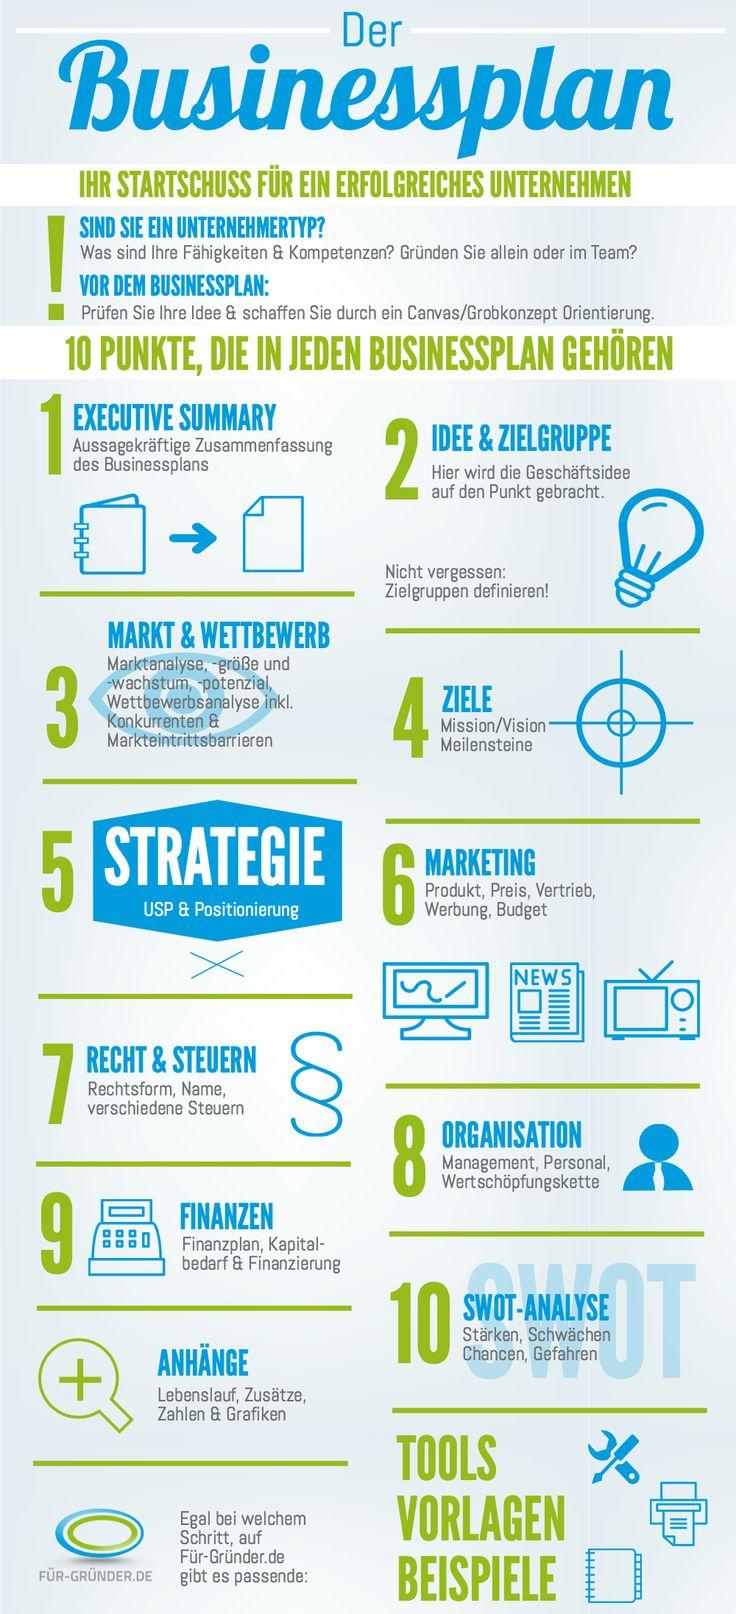 Infografik: 10 Punkte, die in jeden Businessplan gehören